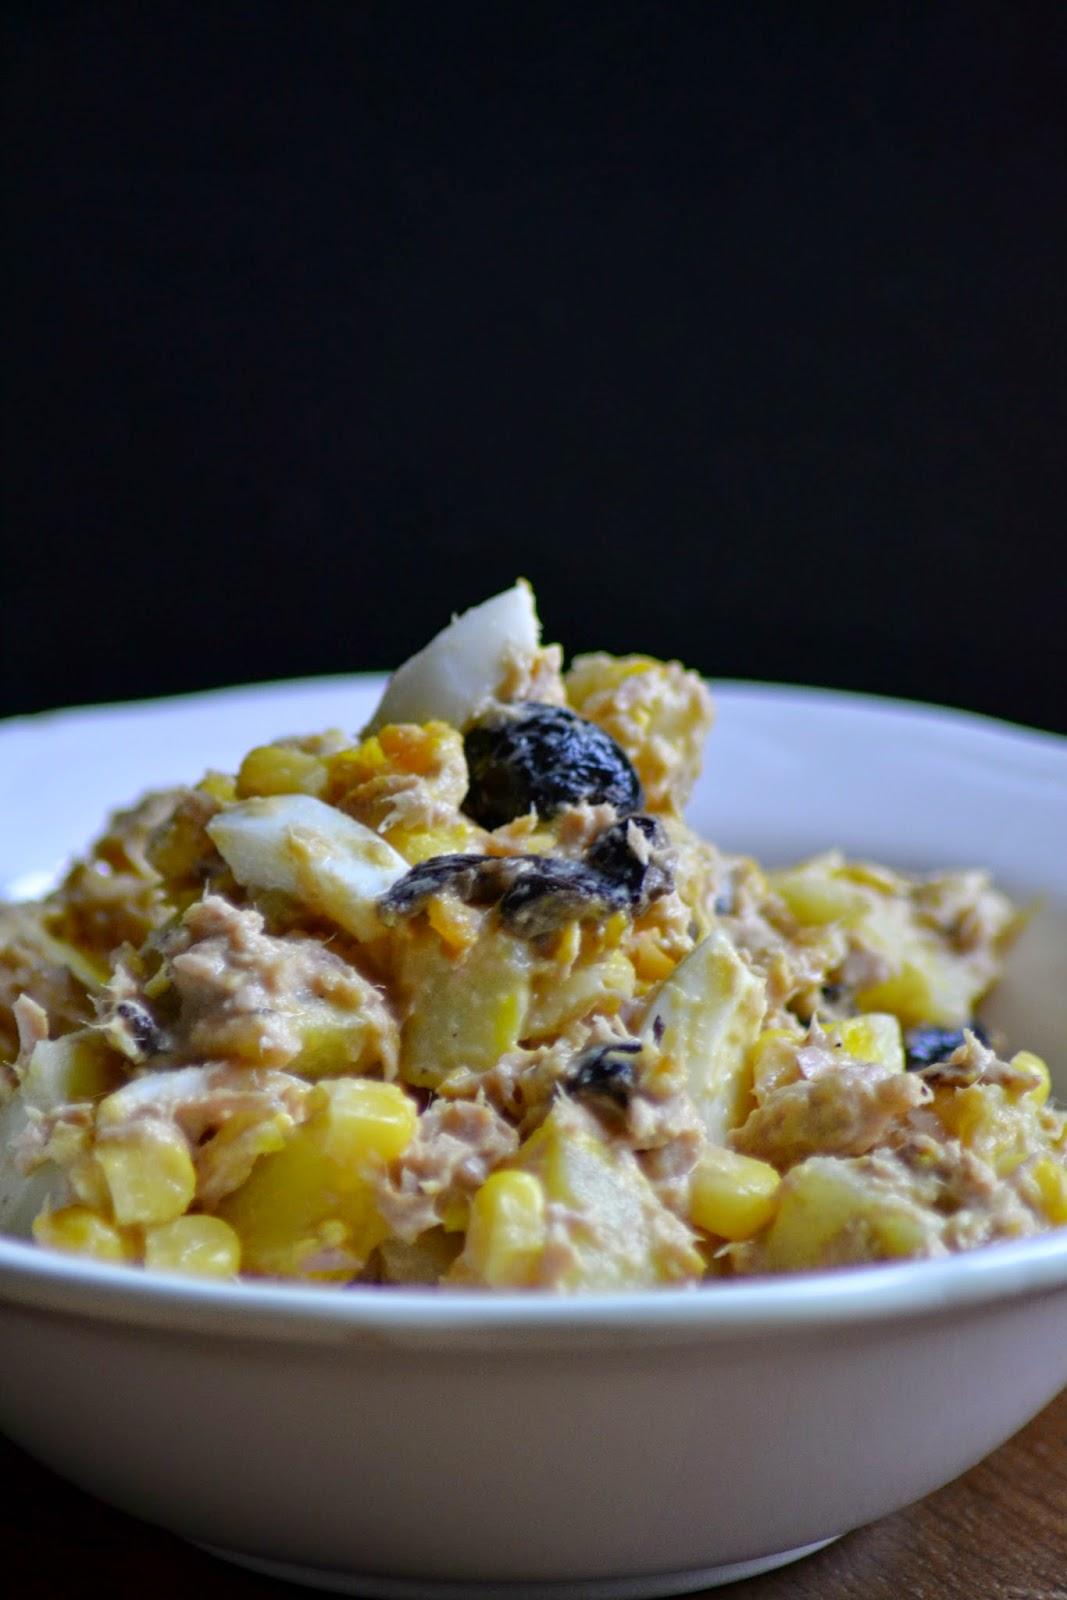 Tonijnsalade met aardappel, mais en olijven